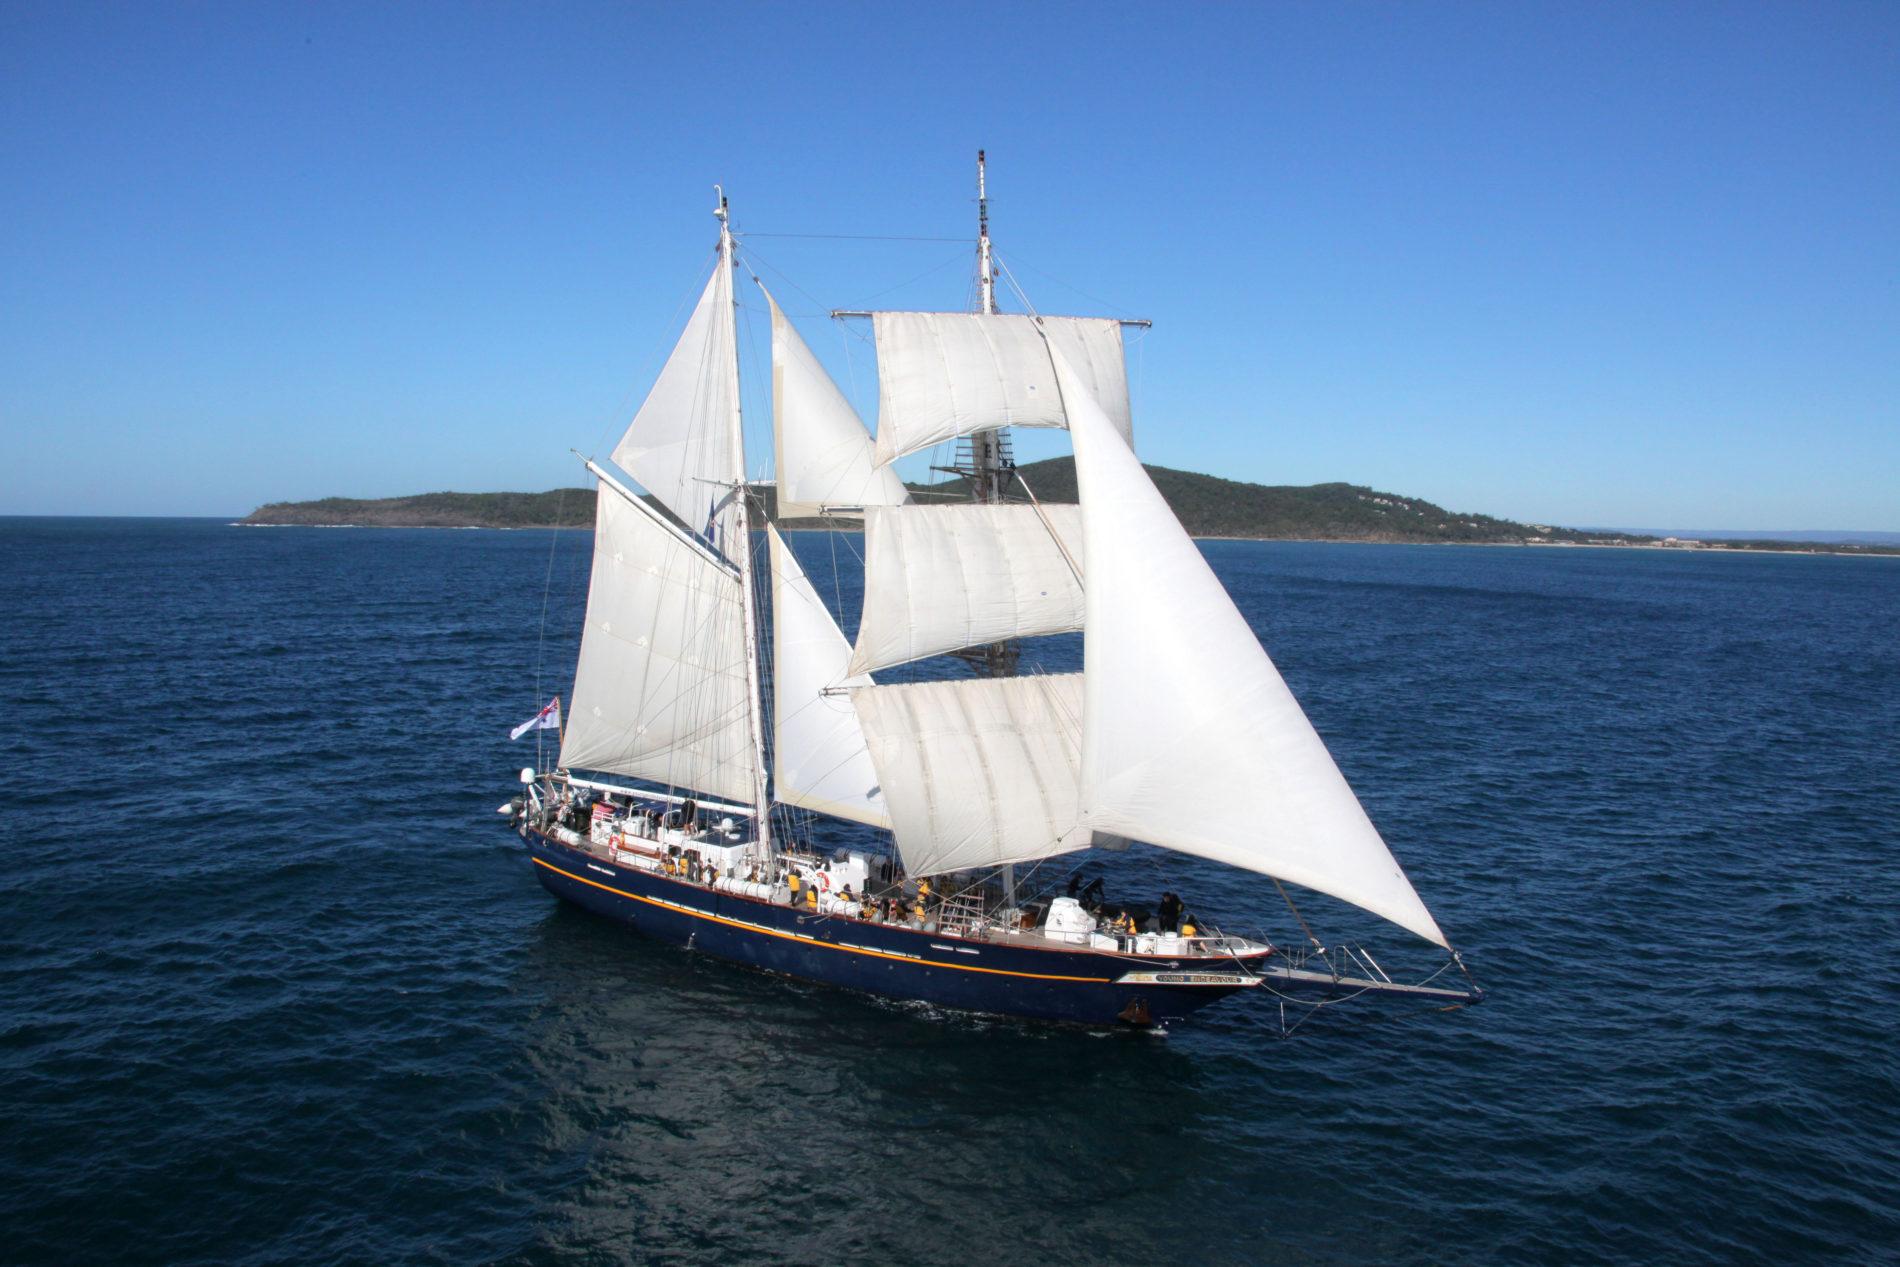 Stille zee met een eiland op de achtergrond en de Young Endeavour varend in de voorgrond